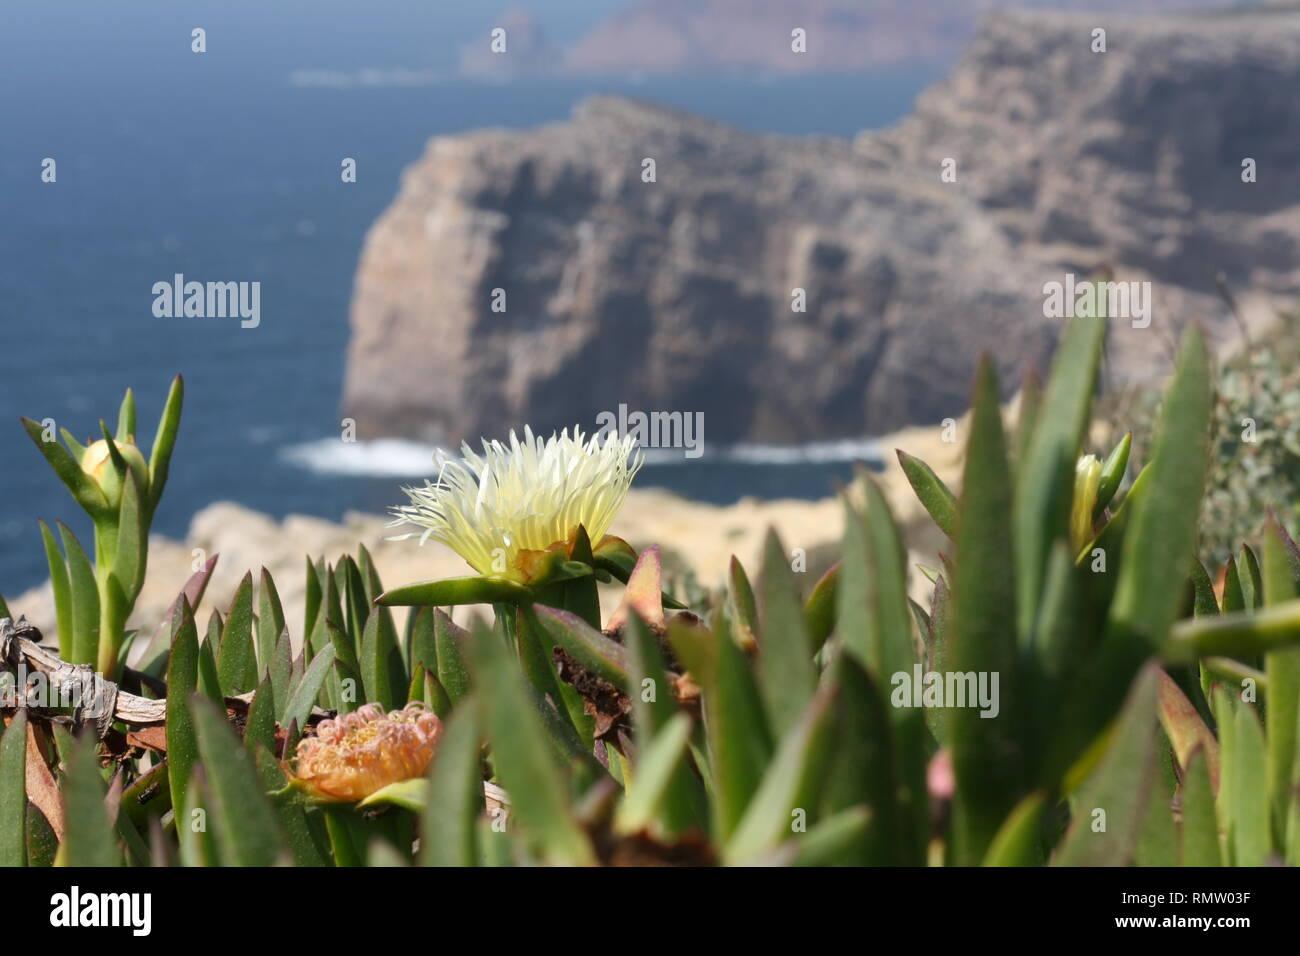 Blühende Pflanzen Sukulente im Frühjahr im Hintergrund Klippen und Wasser - Stock Image